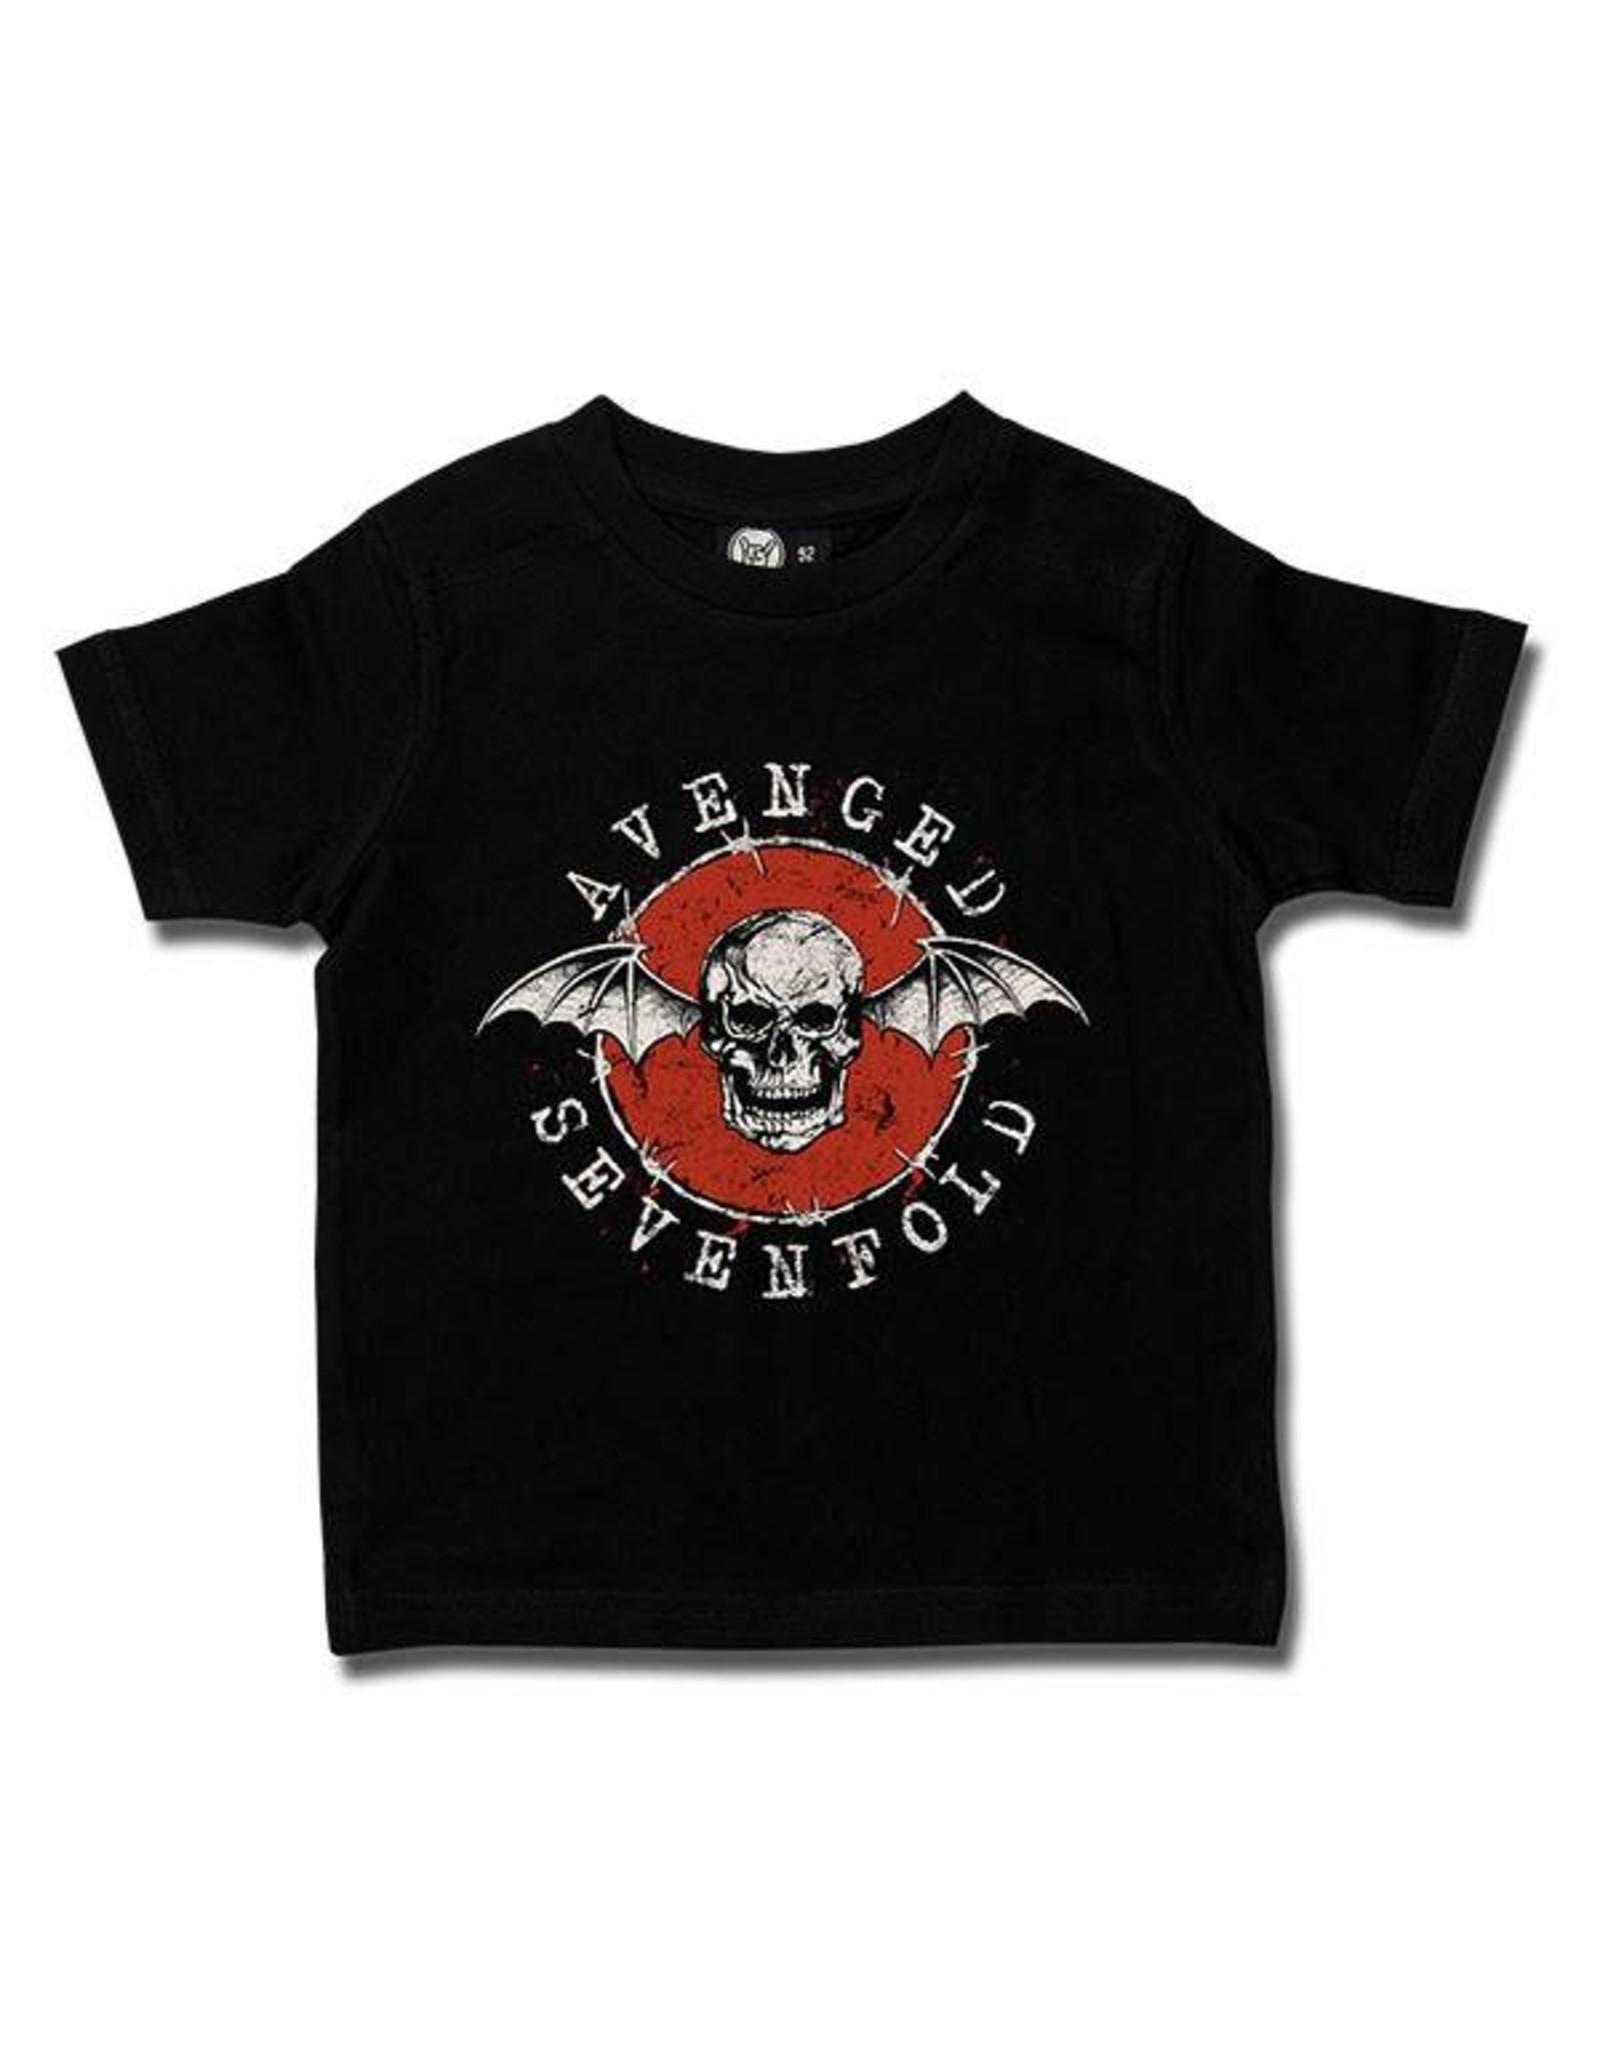 Avenged Sevenfold (New Deathbat) Kids T-Shirt